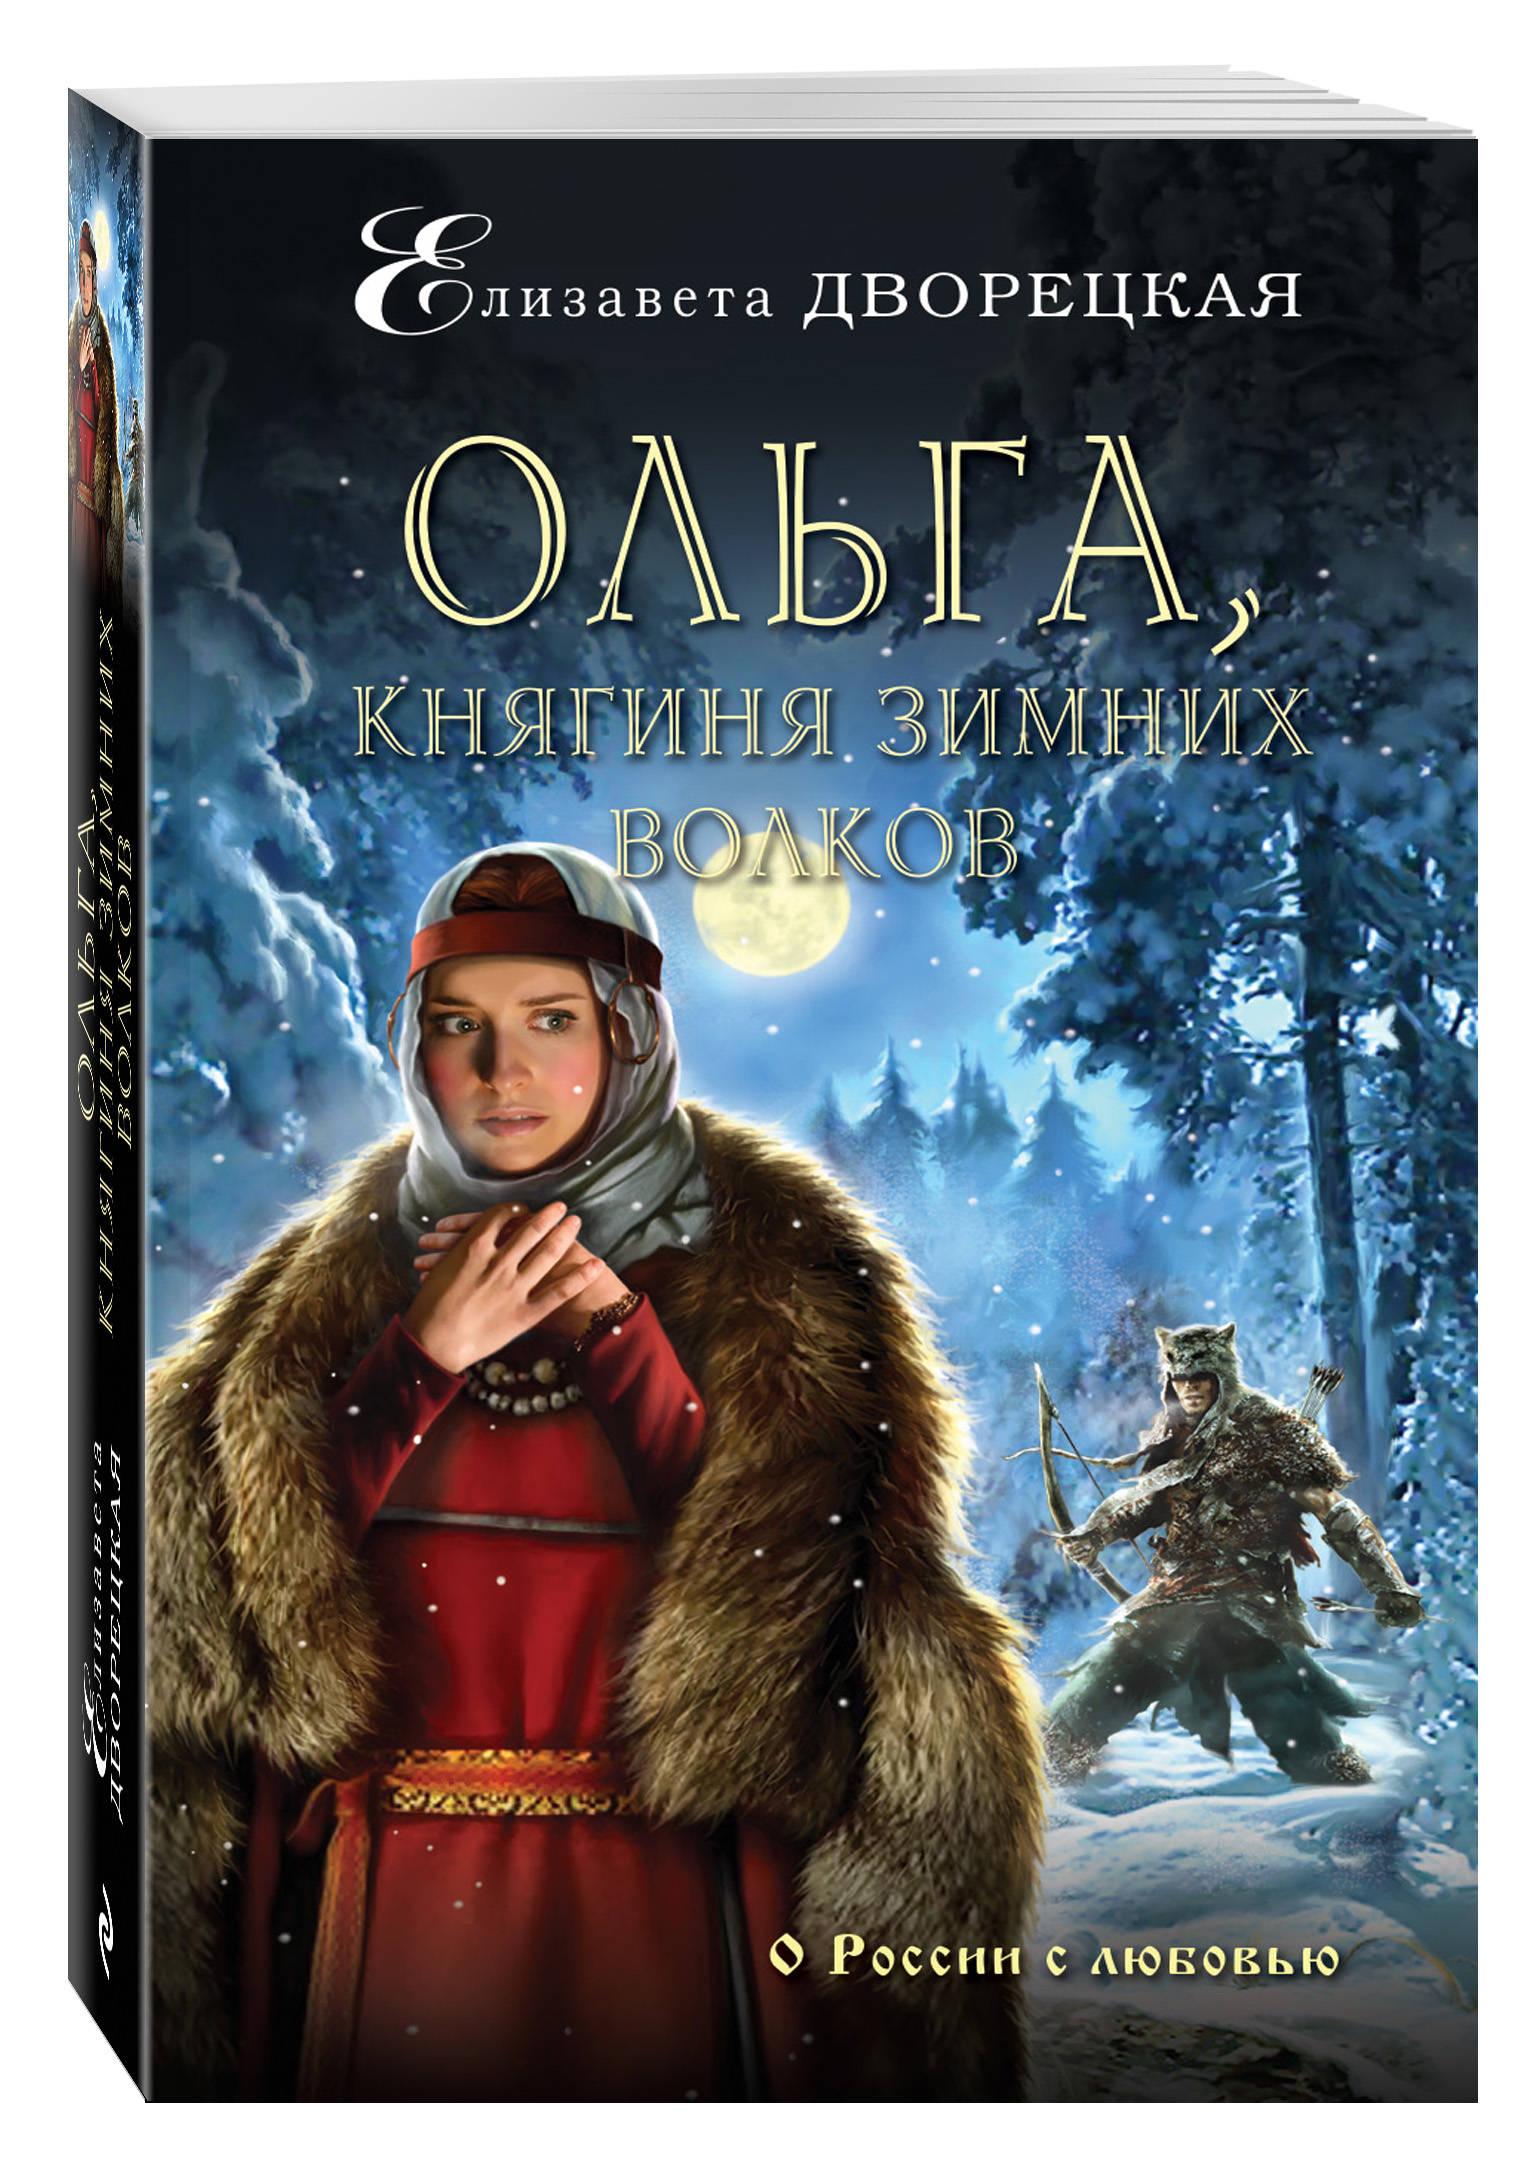 Дворецкая Е. Ольга, княгиня зимних волков купить в киеве поршневую на сузуки